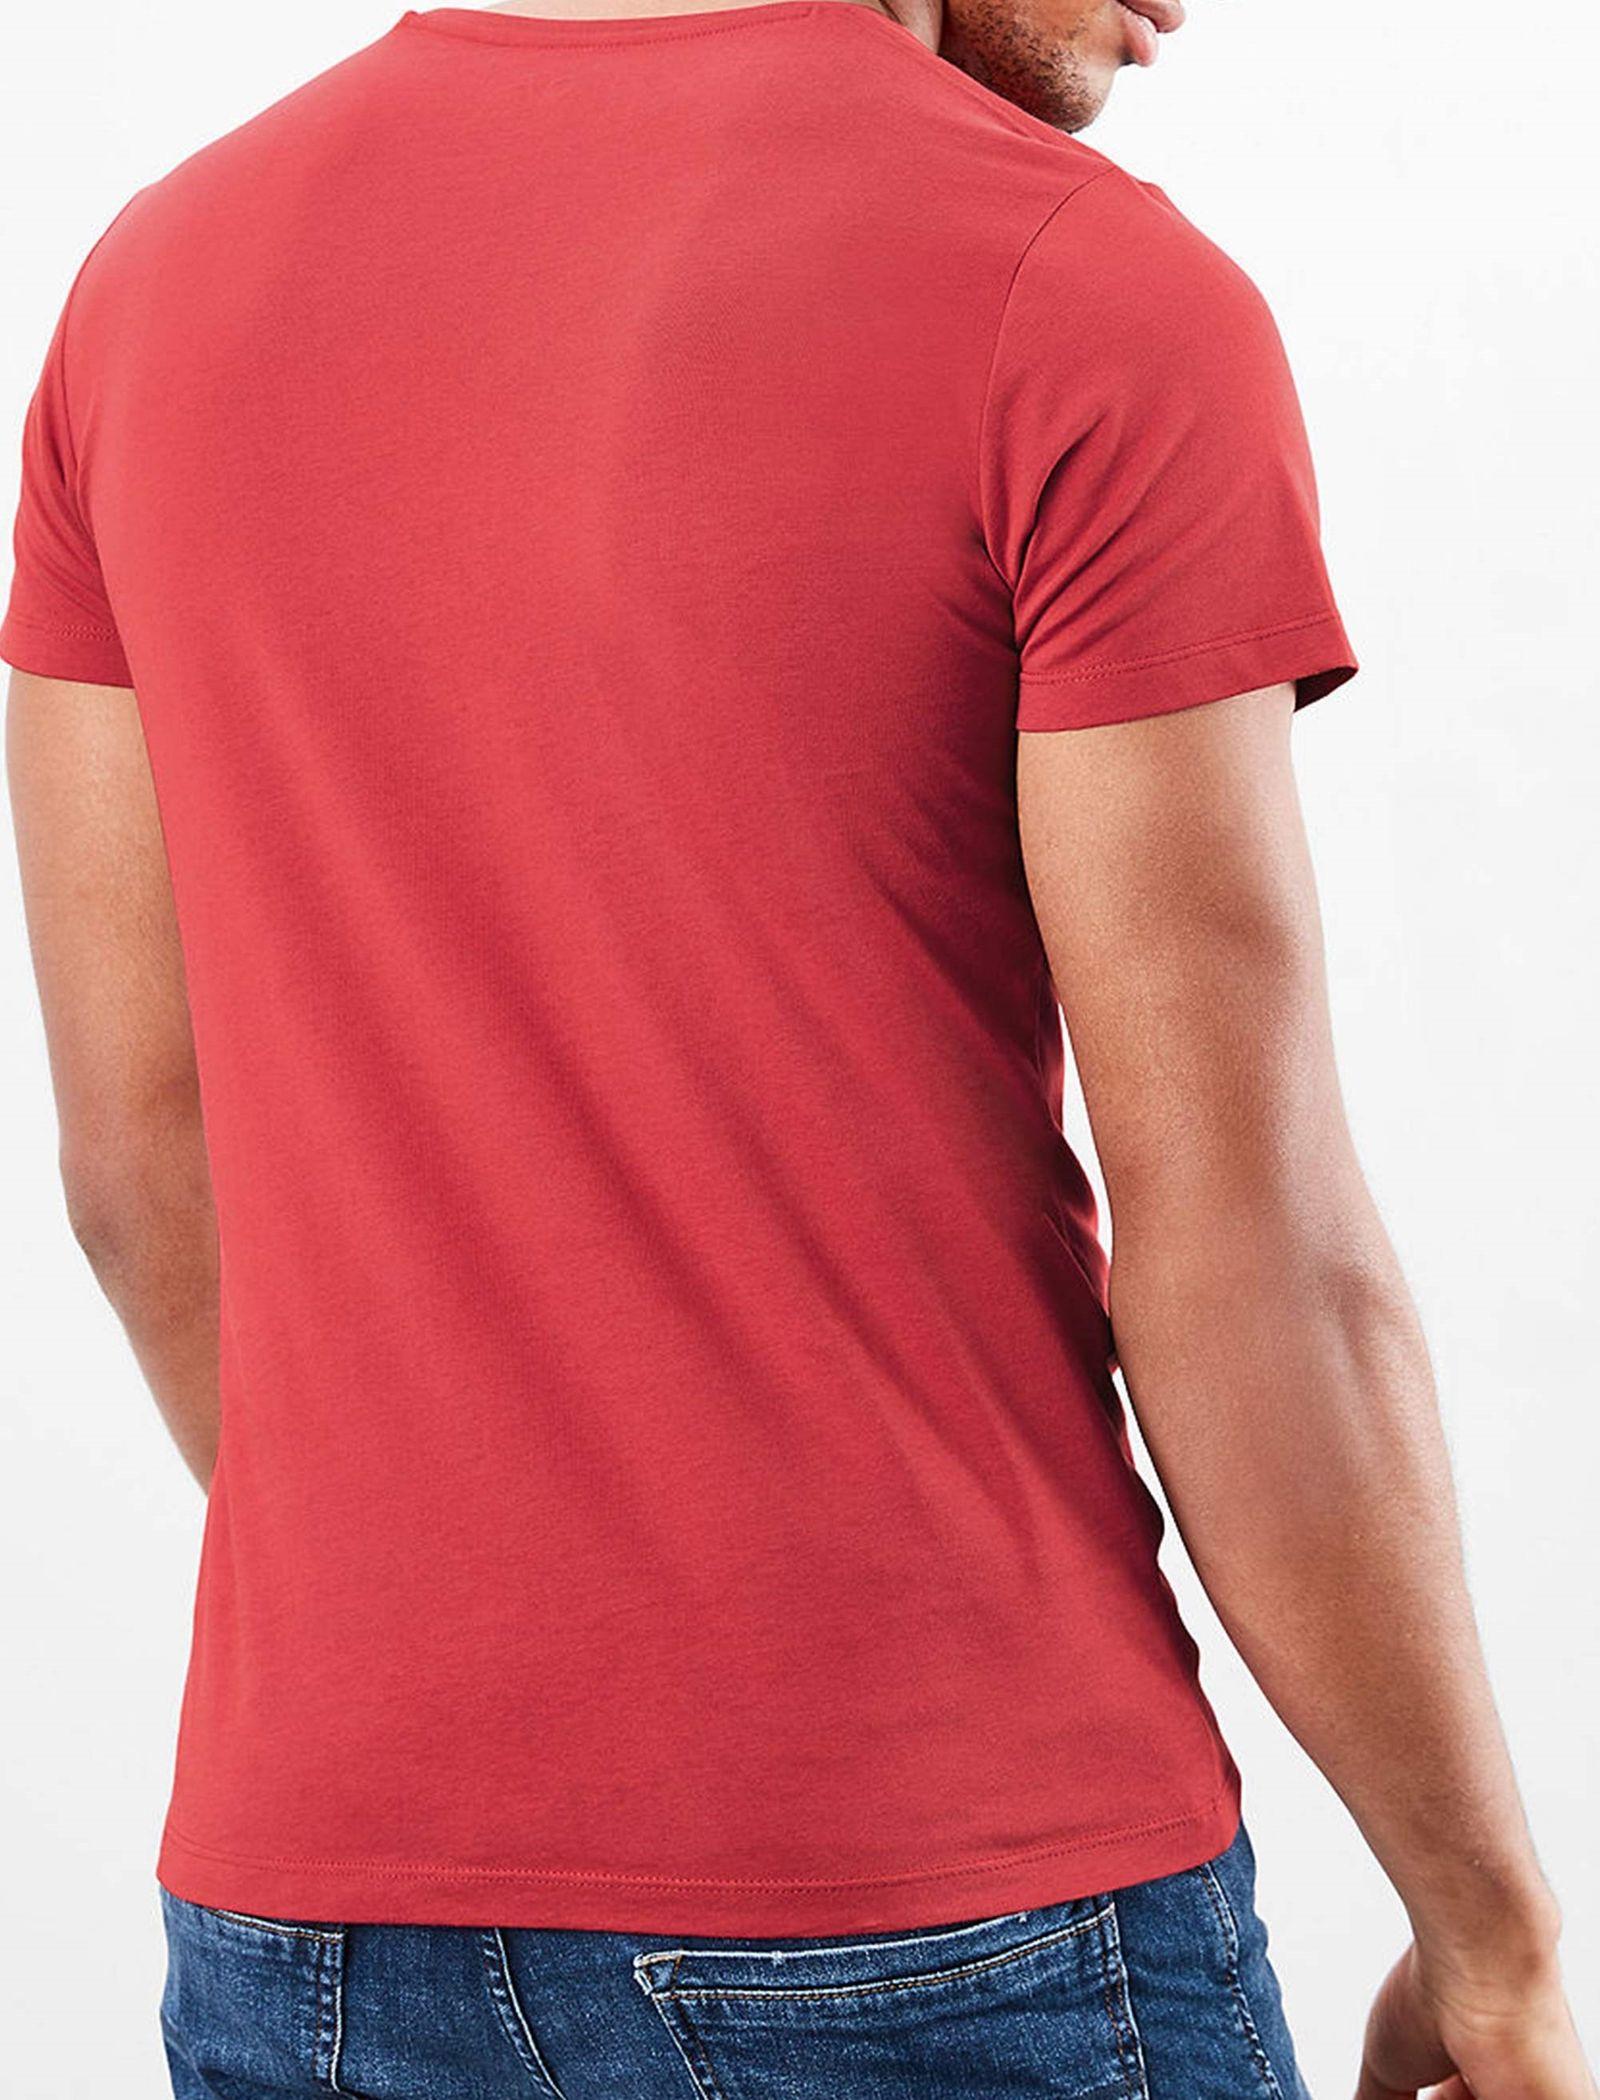 تی شرت نخی یقه هفت مردانه - اس.اولیور - قرمز - 3